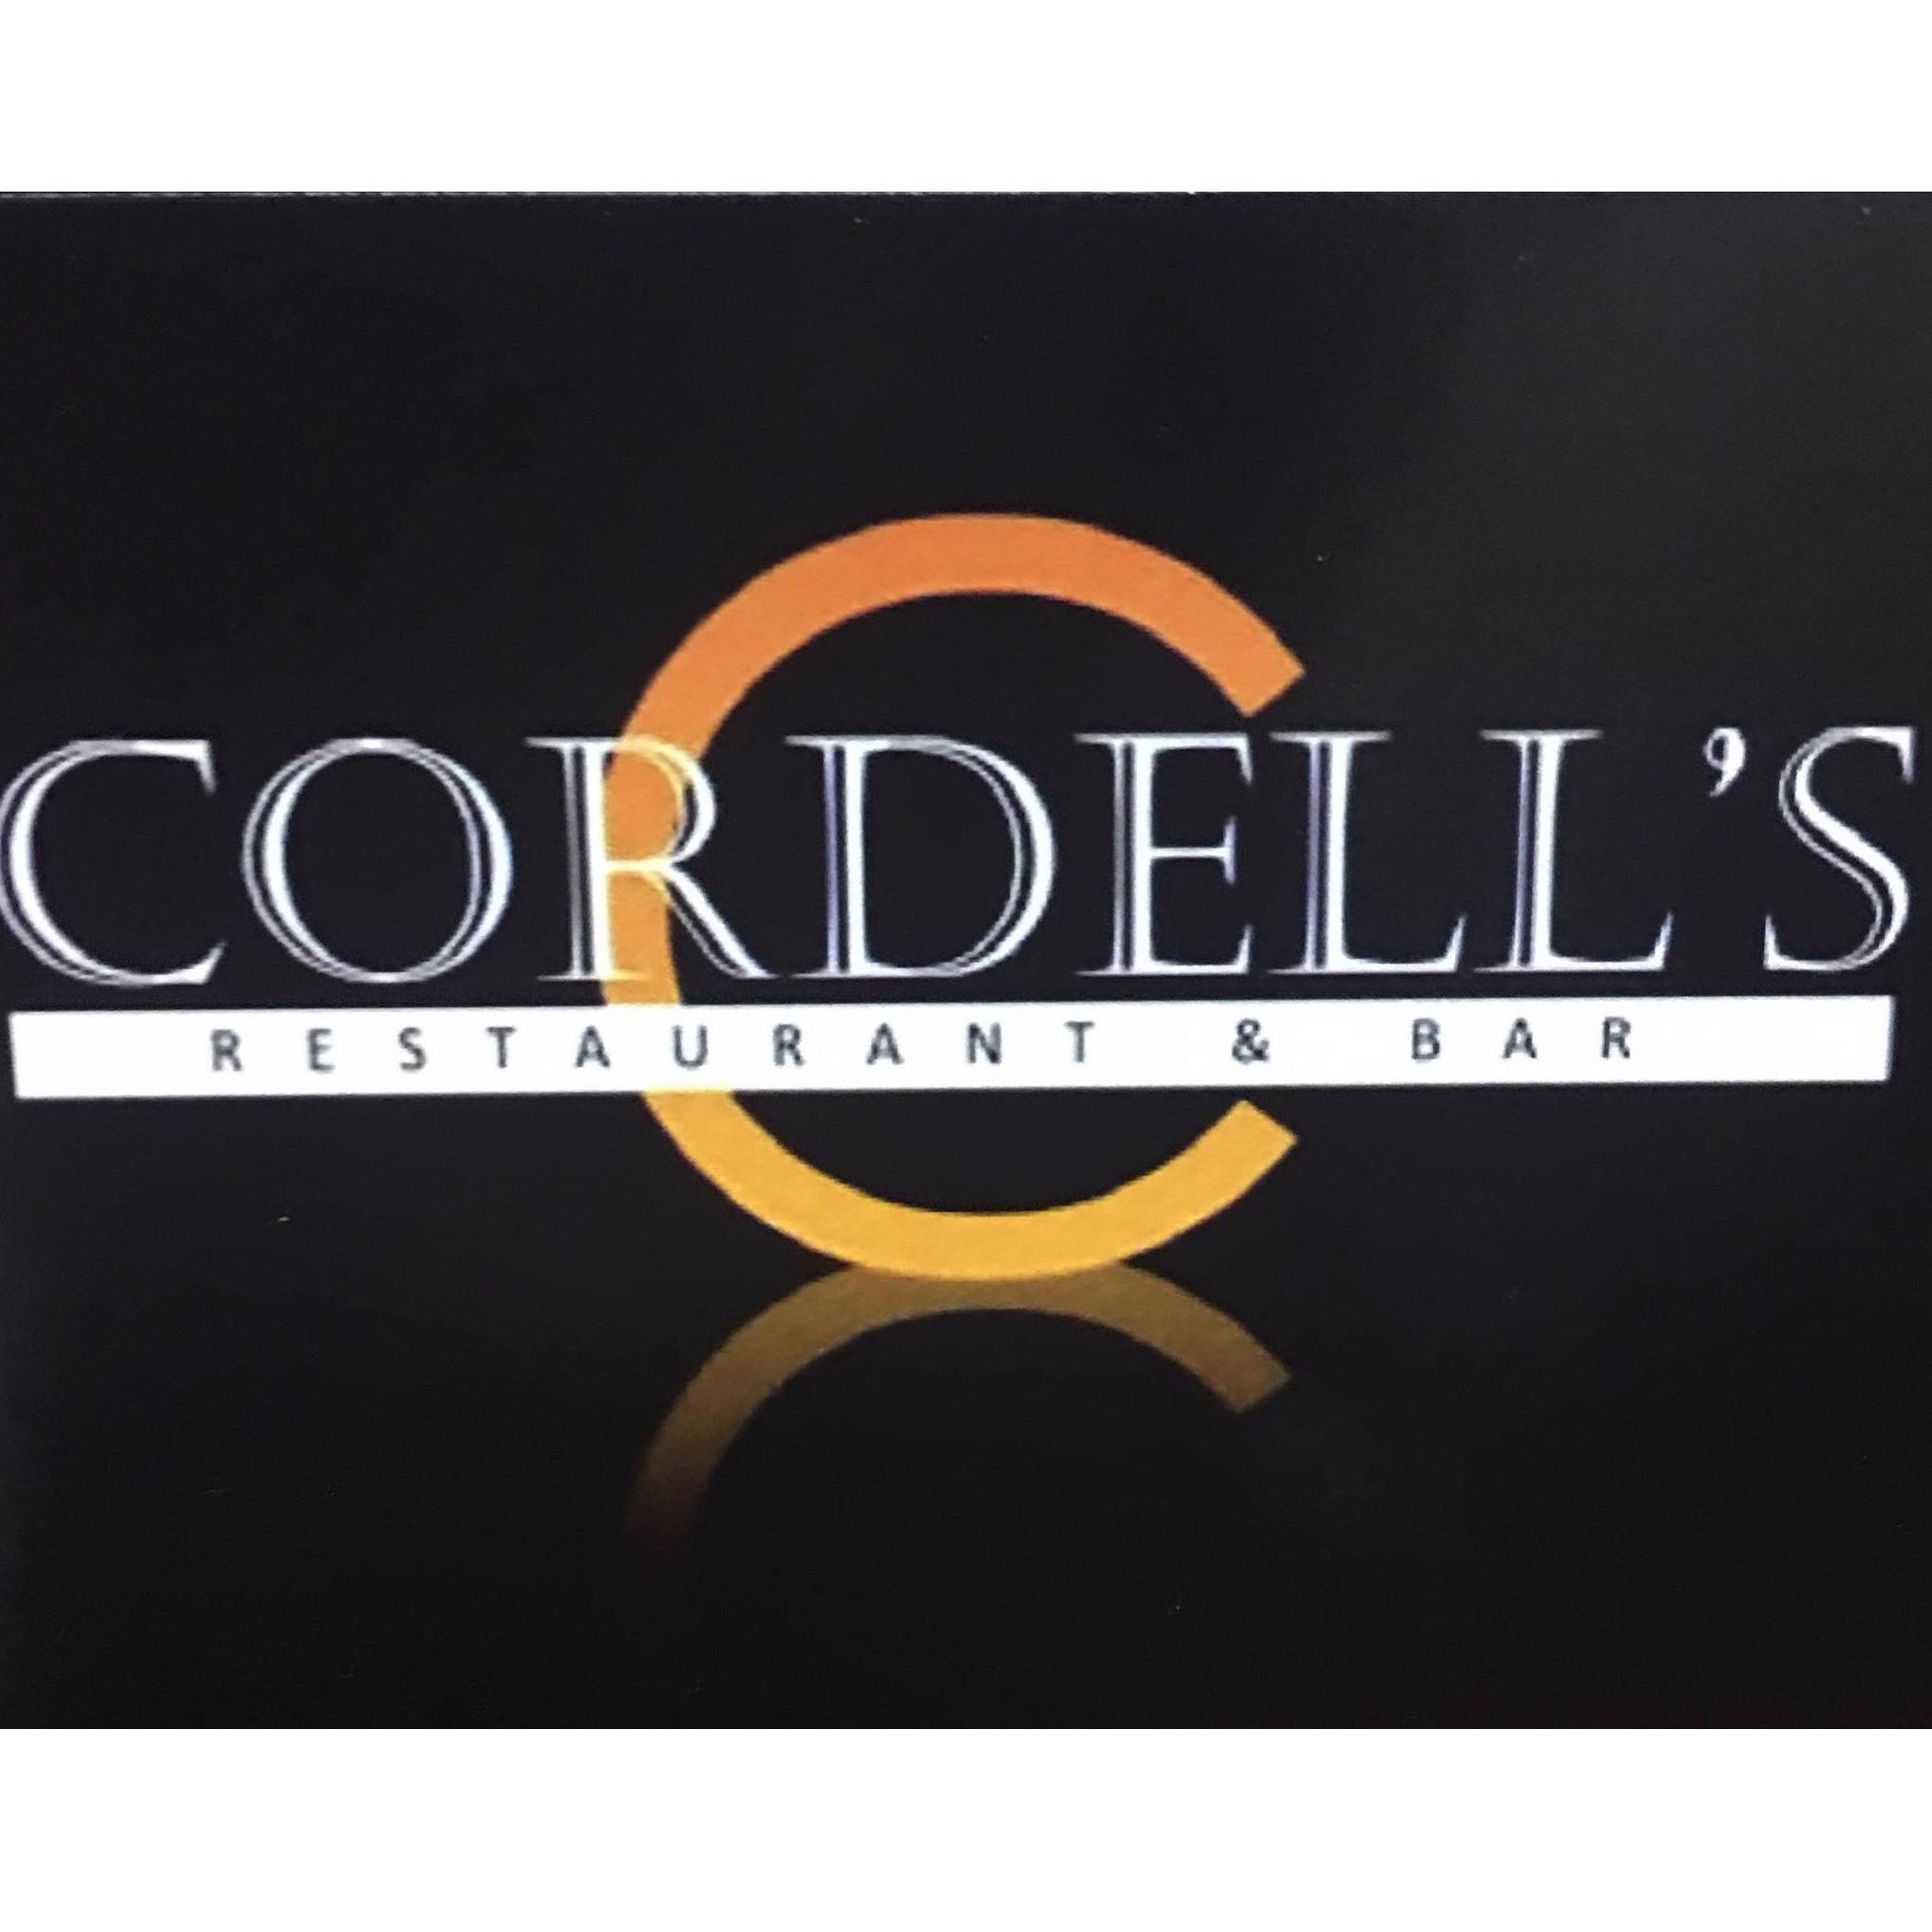 Cordell's Restaurant Bar & Nightlife